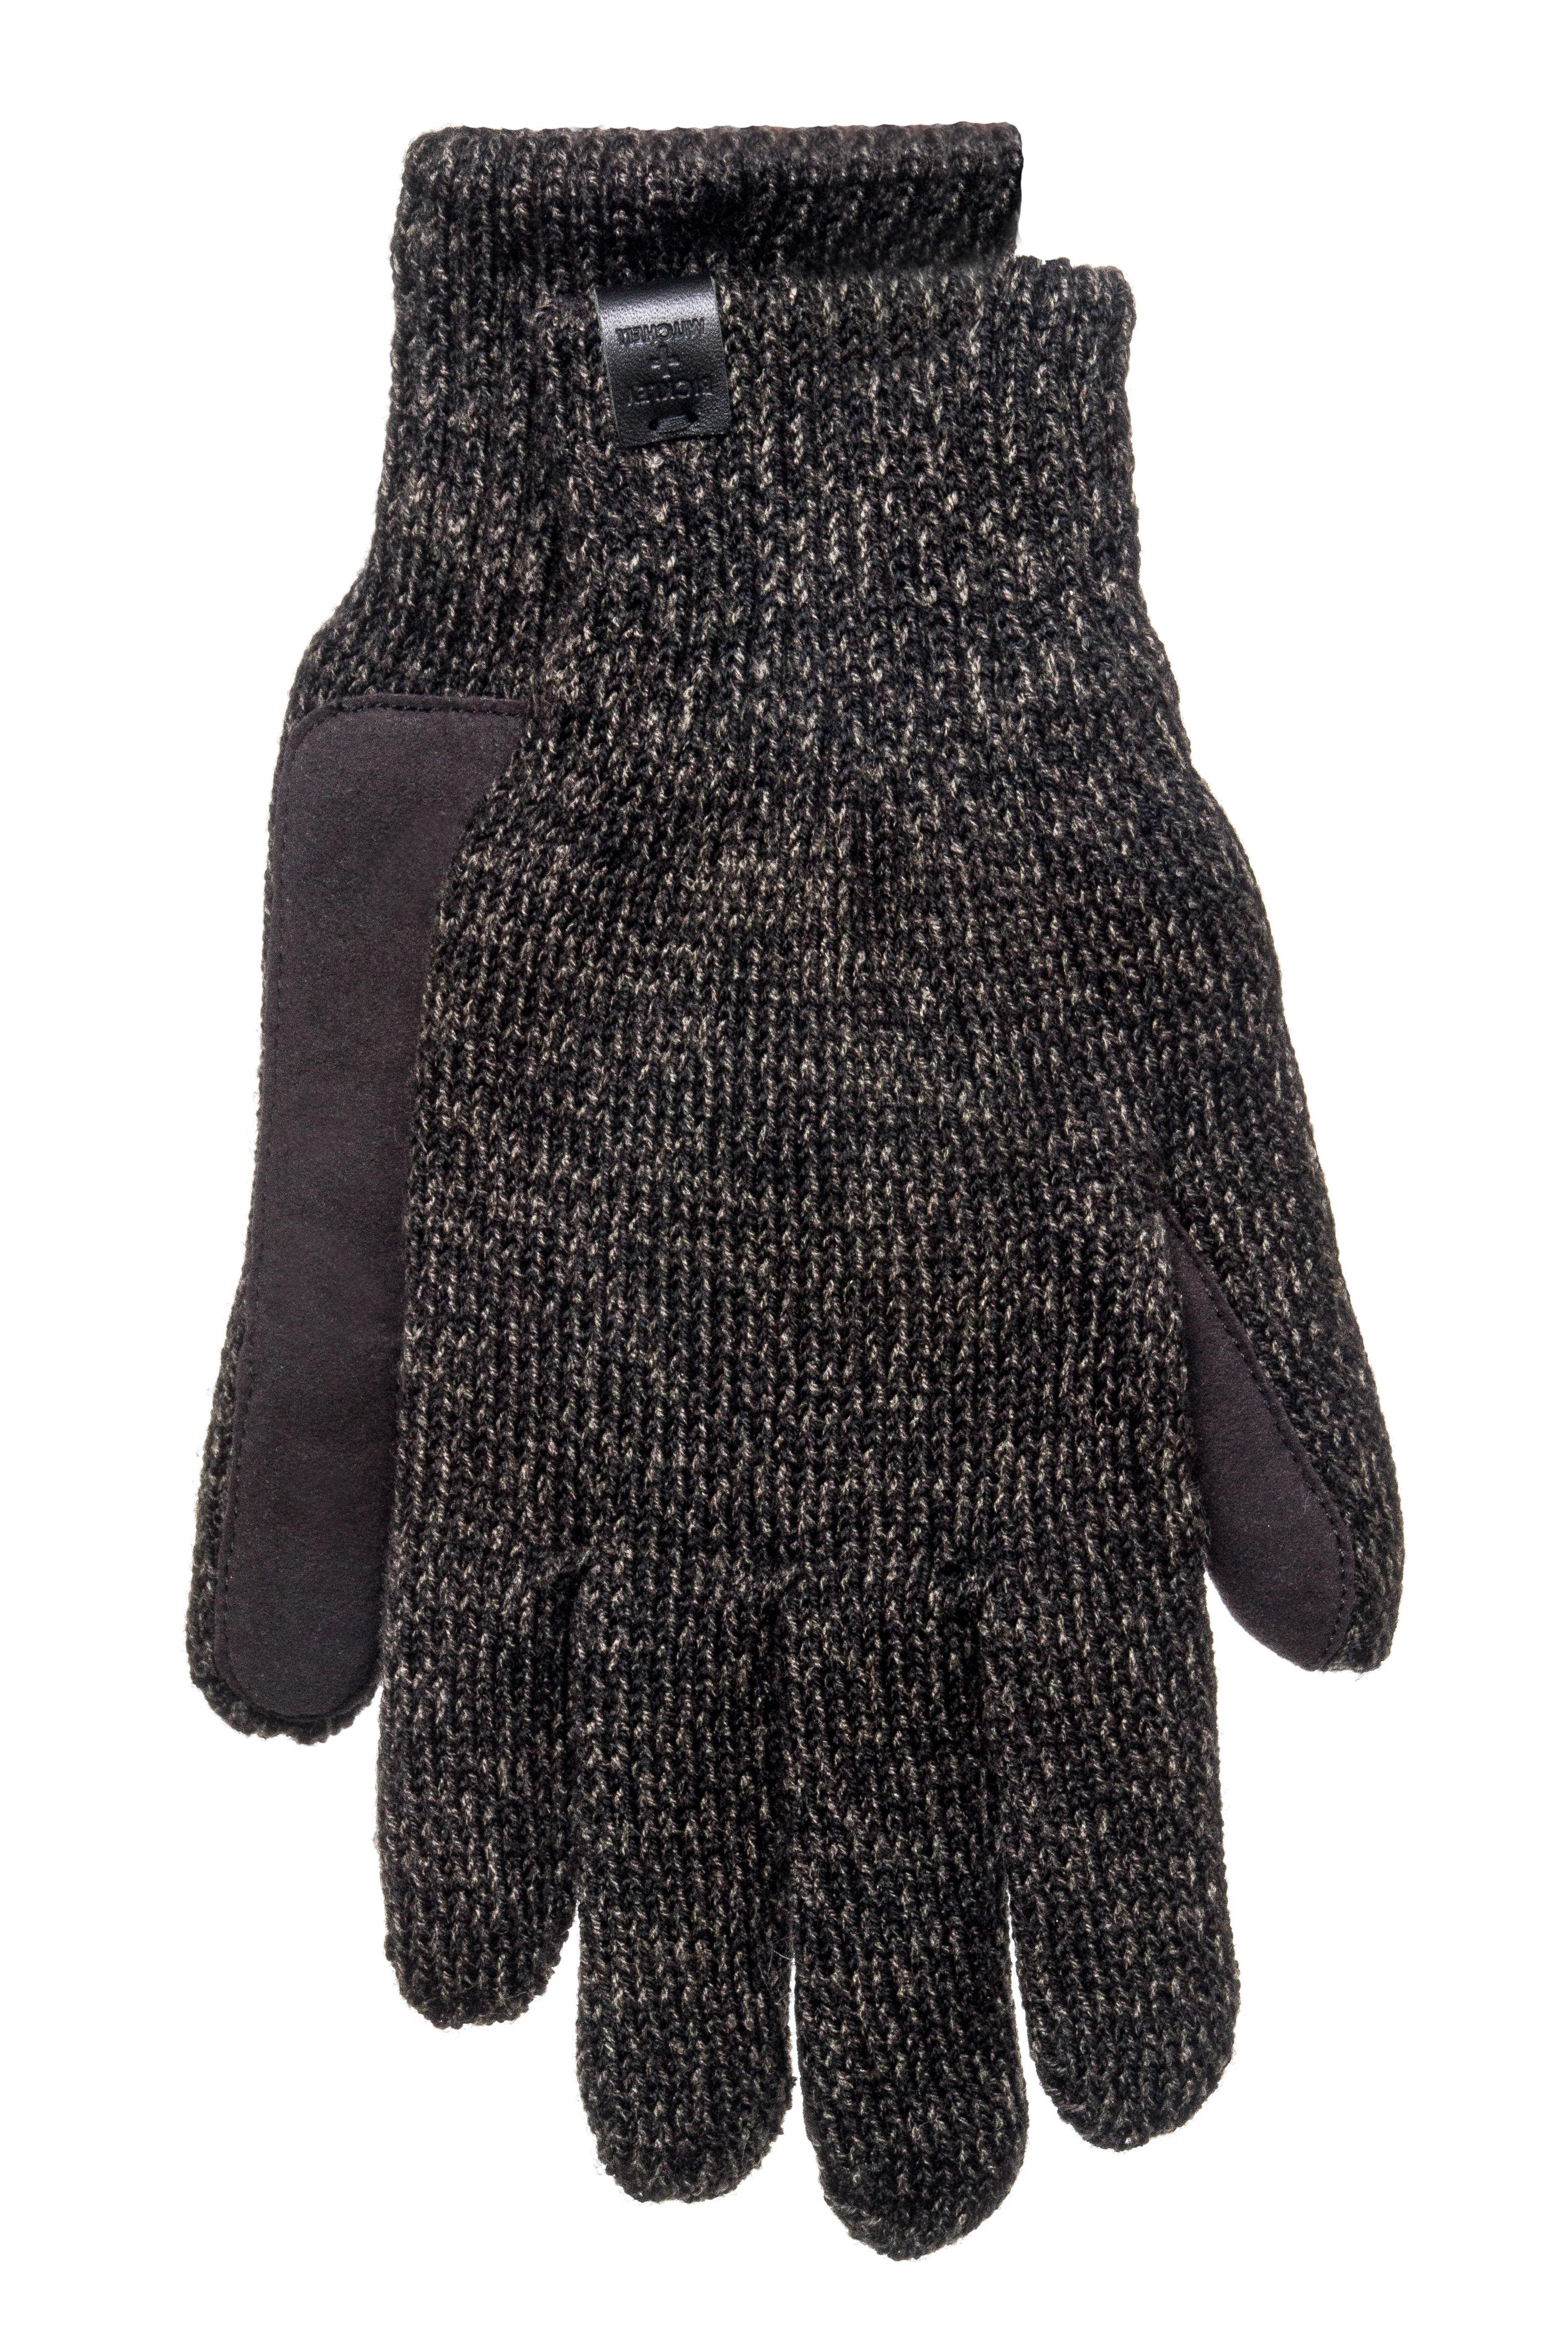 Bickley + Mitchell Men's Twist Gloves - Black